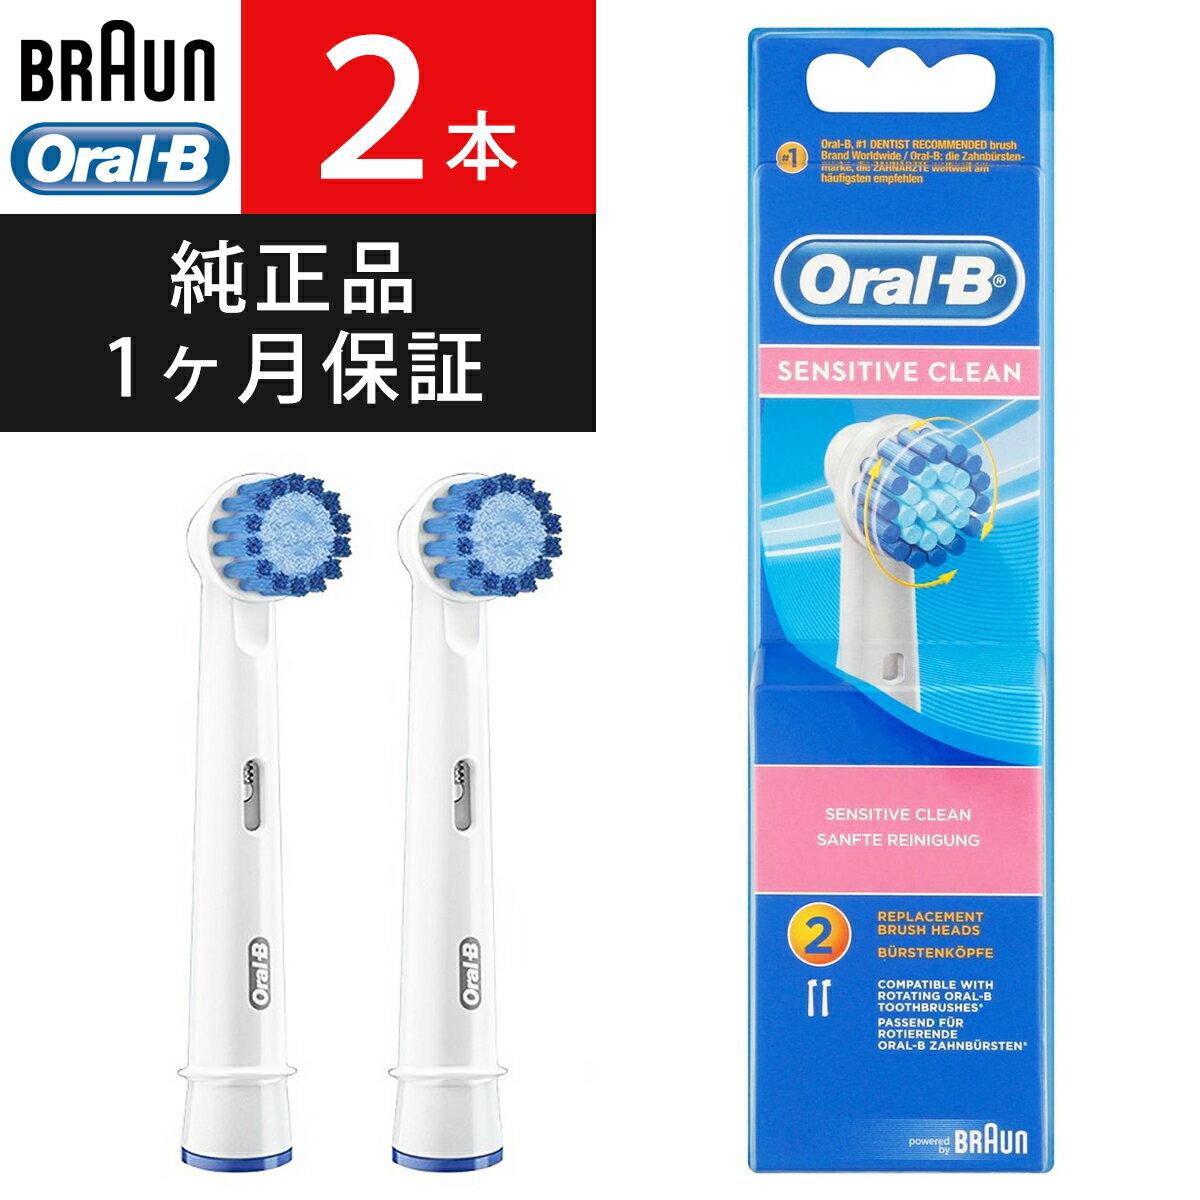 ブラウン オーラルB 替えブラシ Braun 電動歯ブラシ 替ブラシ 純正 正規 交換 ベーシックブラシ やわからめ 2本入 EBS17 送料無料